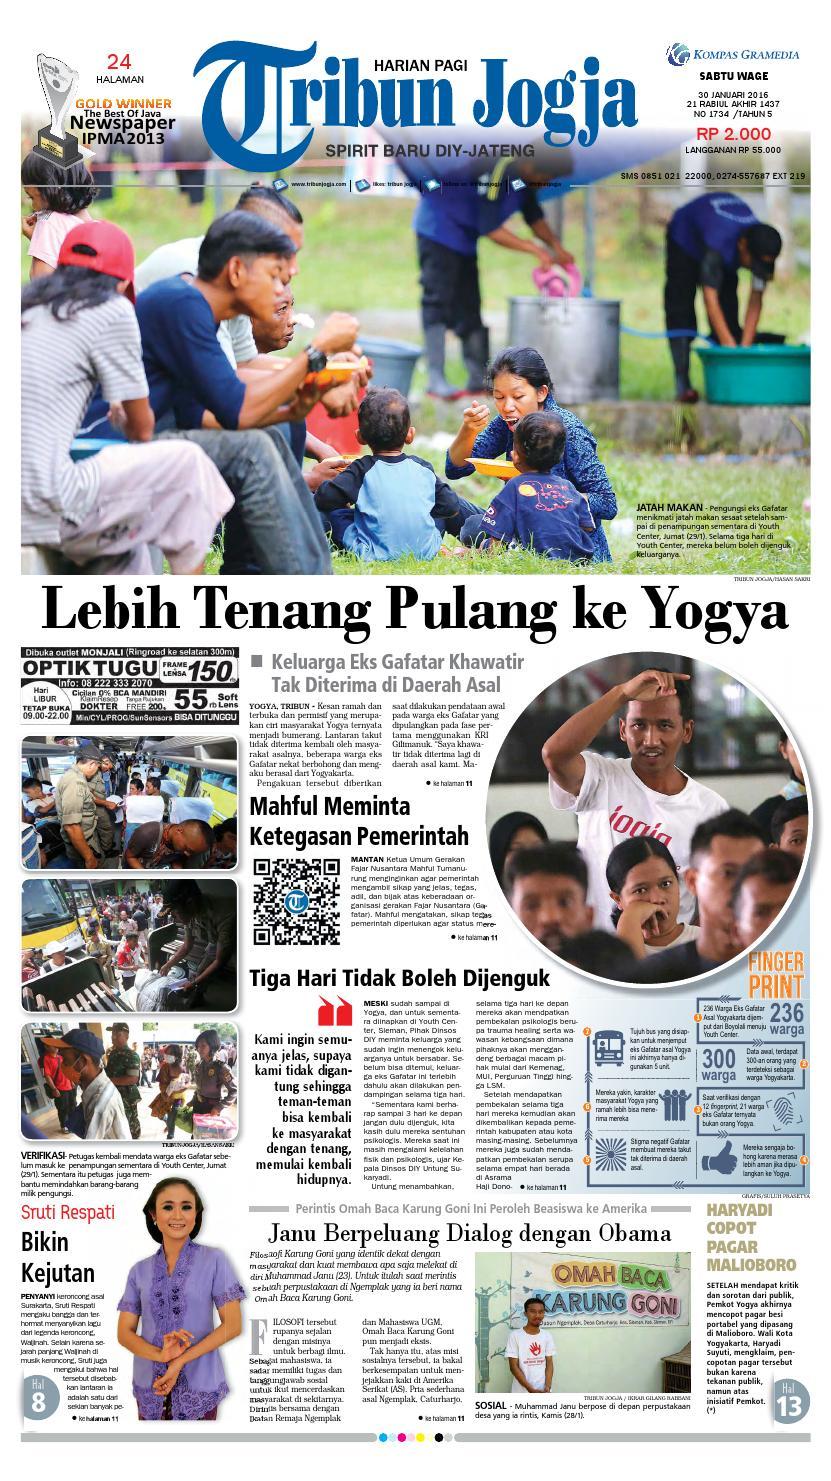 Tribunjogja 30 01 2016 By Tribun Jogja Issuu Produk Ukm Bumn Dompet Double Bordir Rikaamp039s